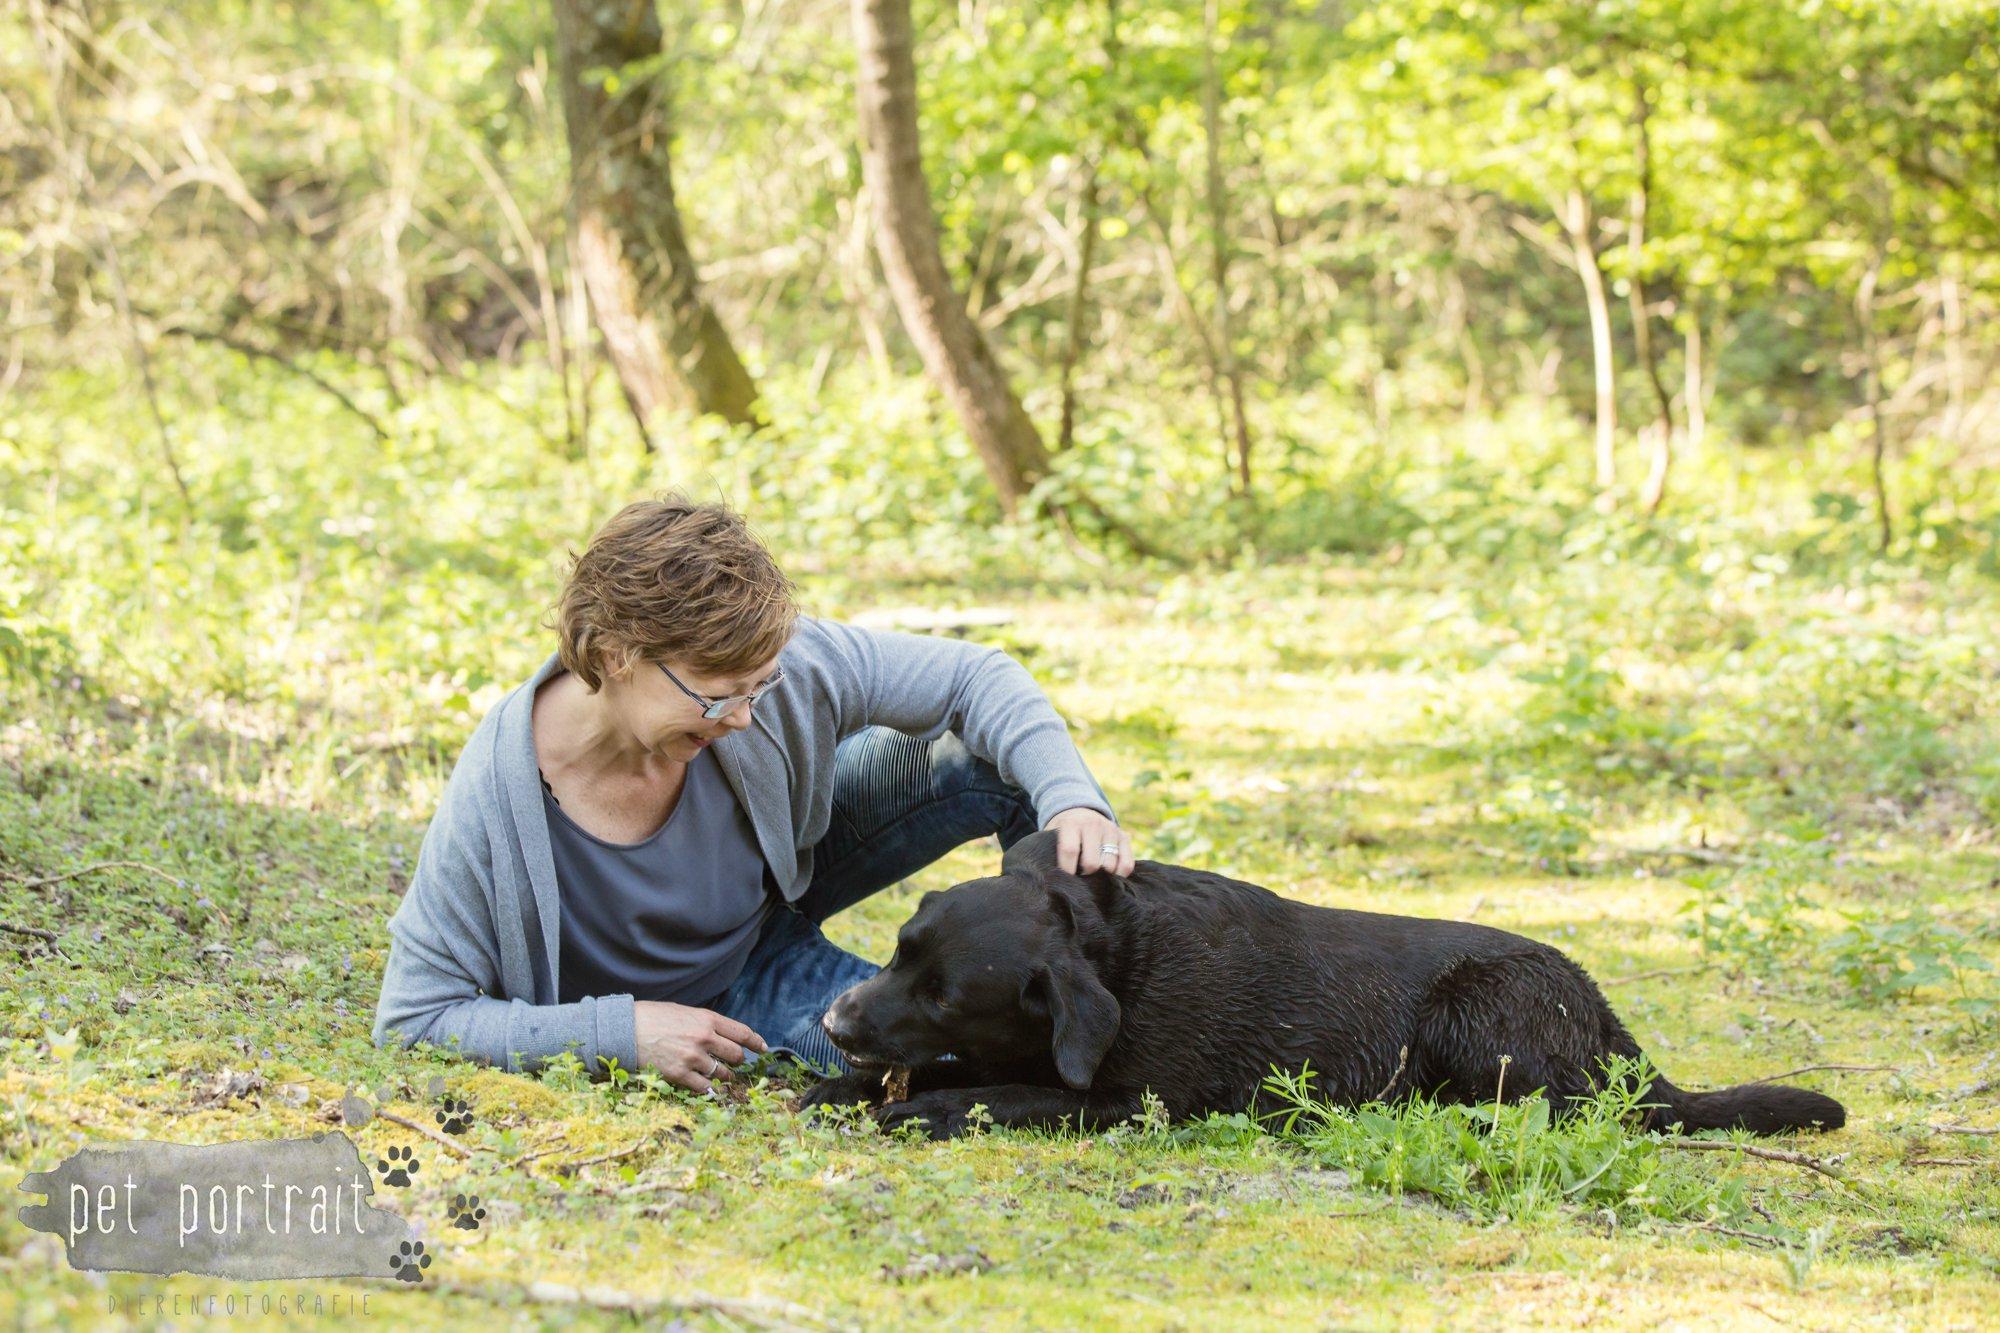 Hondenfotograaf Wassenaar - Beloved Dier en Baasje fotoshoot in de duinen-11